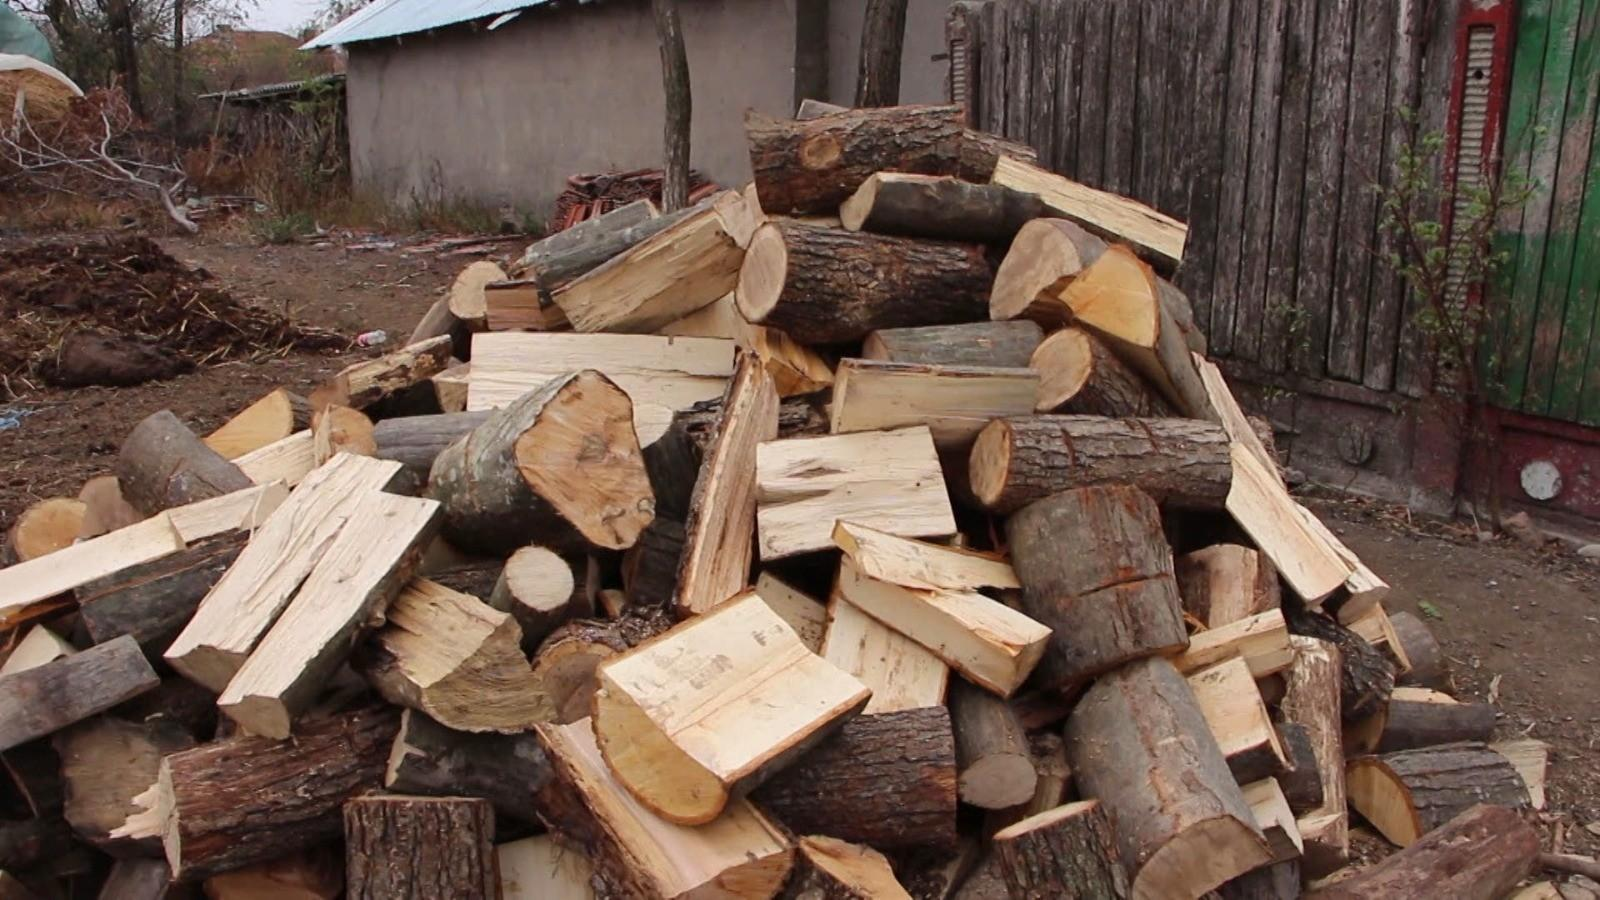 Preţul lemnelor îi arde pe români la buzunar. Cât scoate o familie din portofel pentru a-şi asigura încălzirea locuinţei